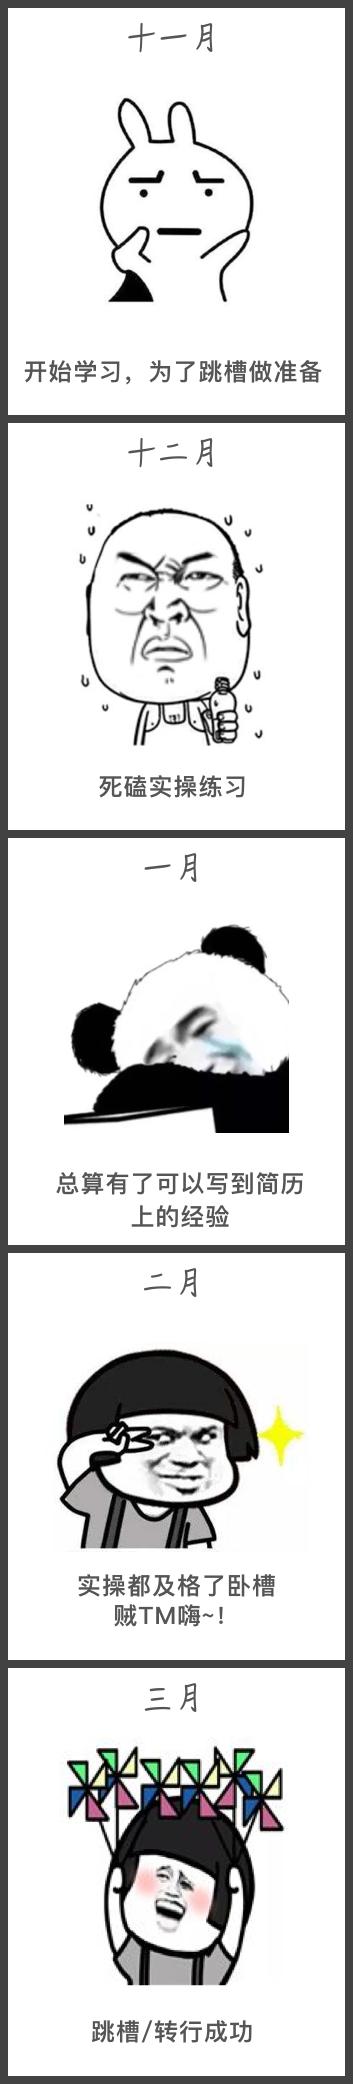 涛哥转行表情包.jpg